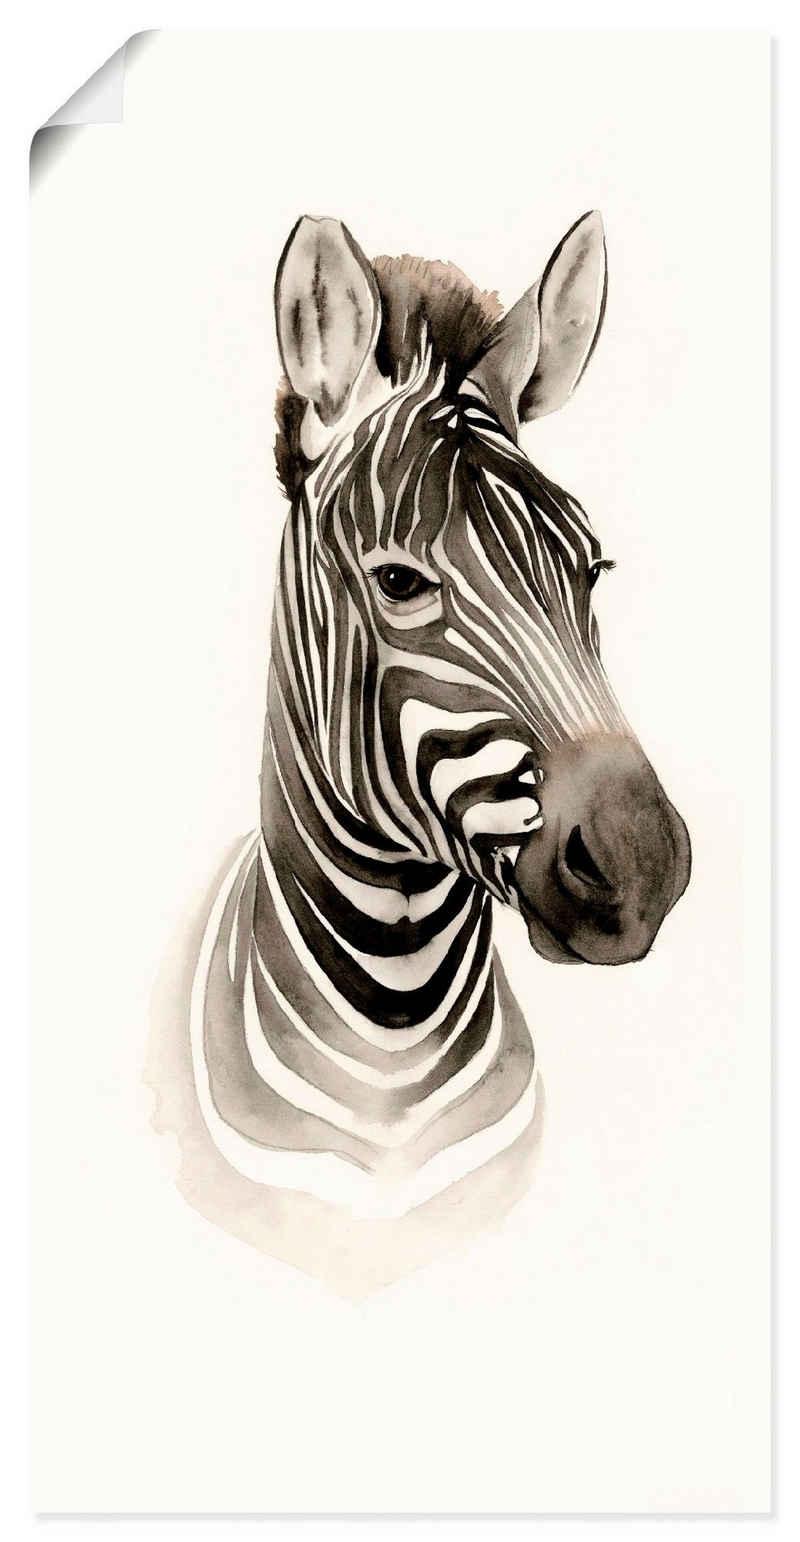 Artland Wandbild »Safari Porträt I«, Wildtiere (1 Stück), in vielen Größen & Produktarten - Alubild / Outdoorbild für den Außenbereich, Leinwandbild, Poster, Wandaufkleber / Wandtattoo auch für Badezimmer geeignet